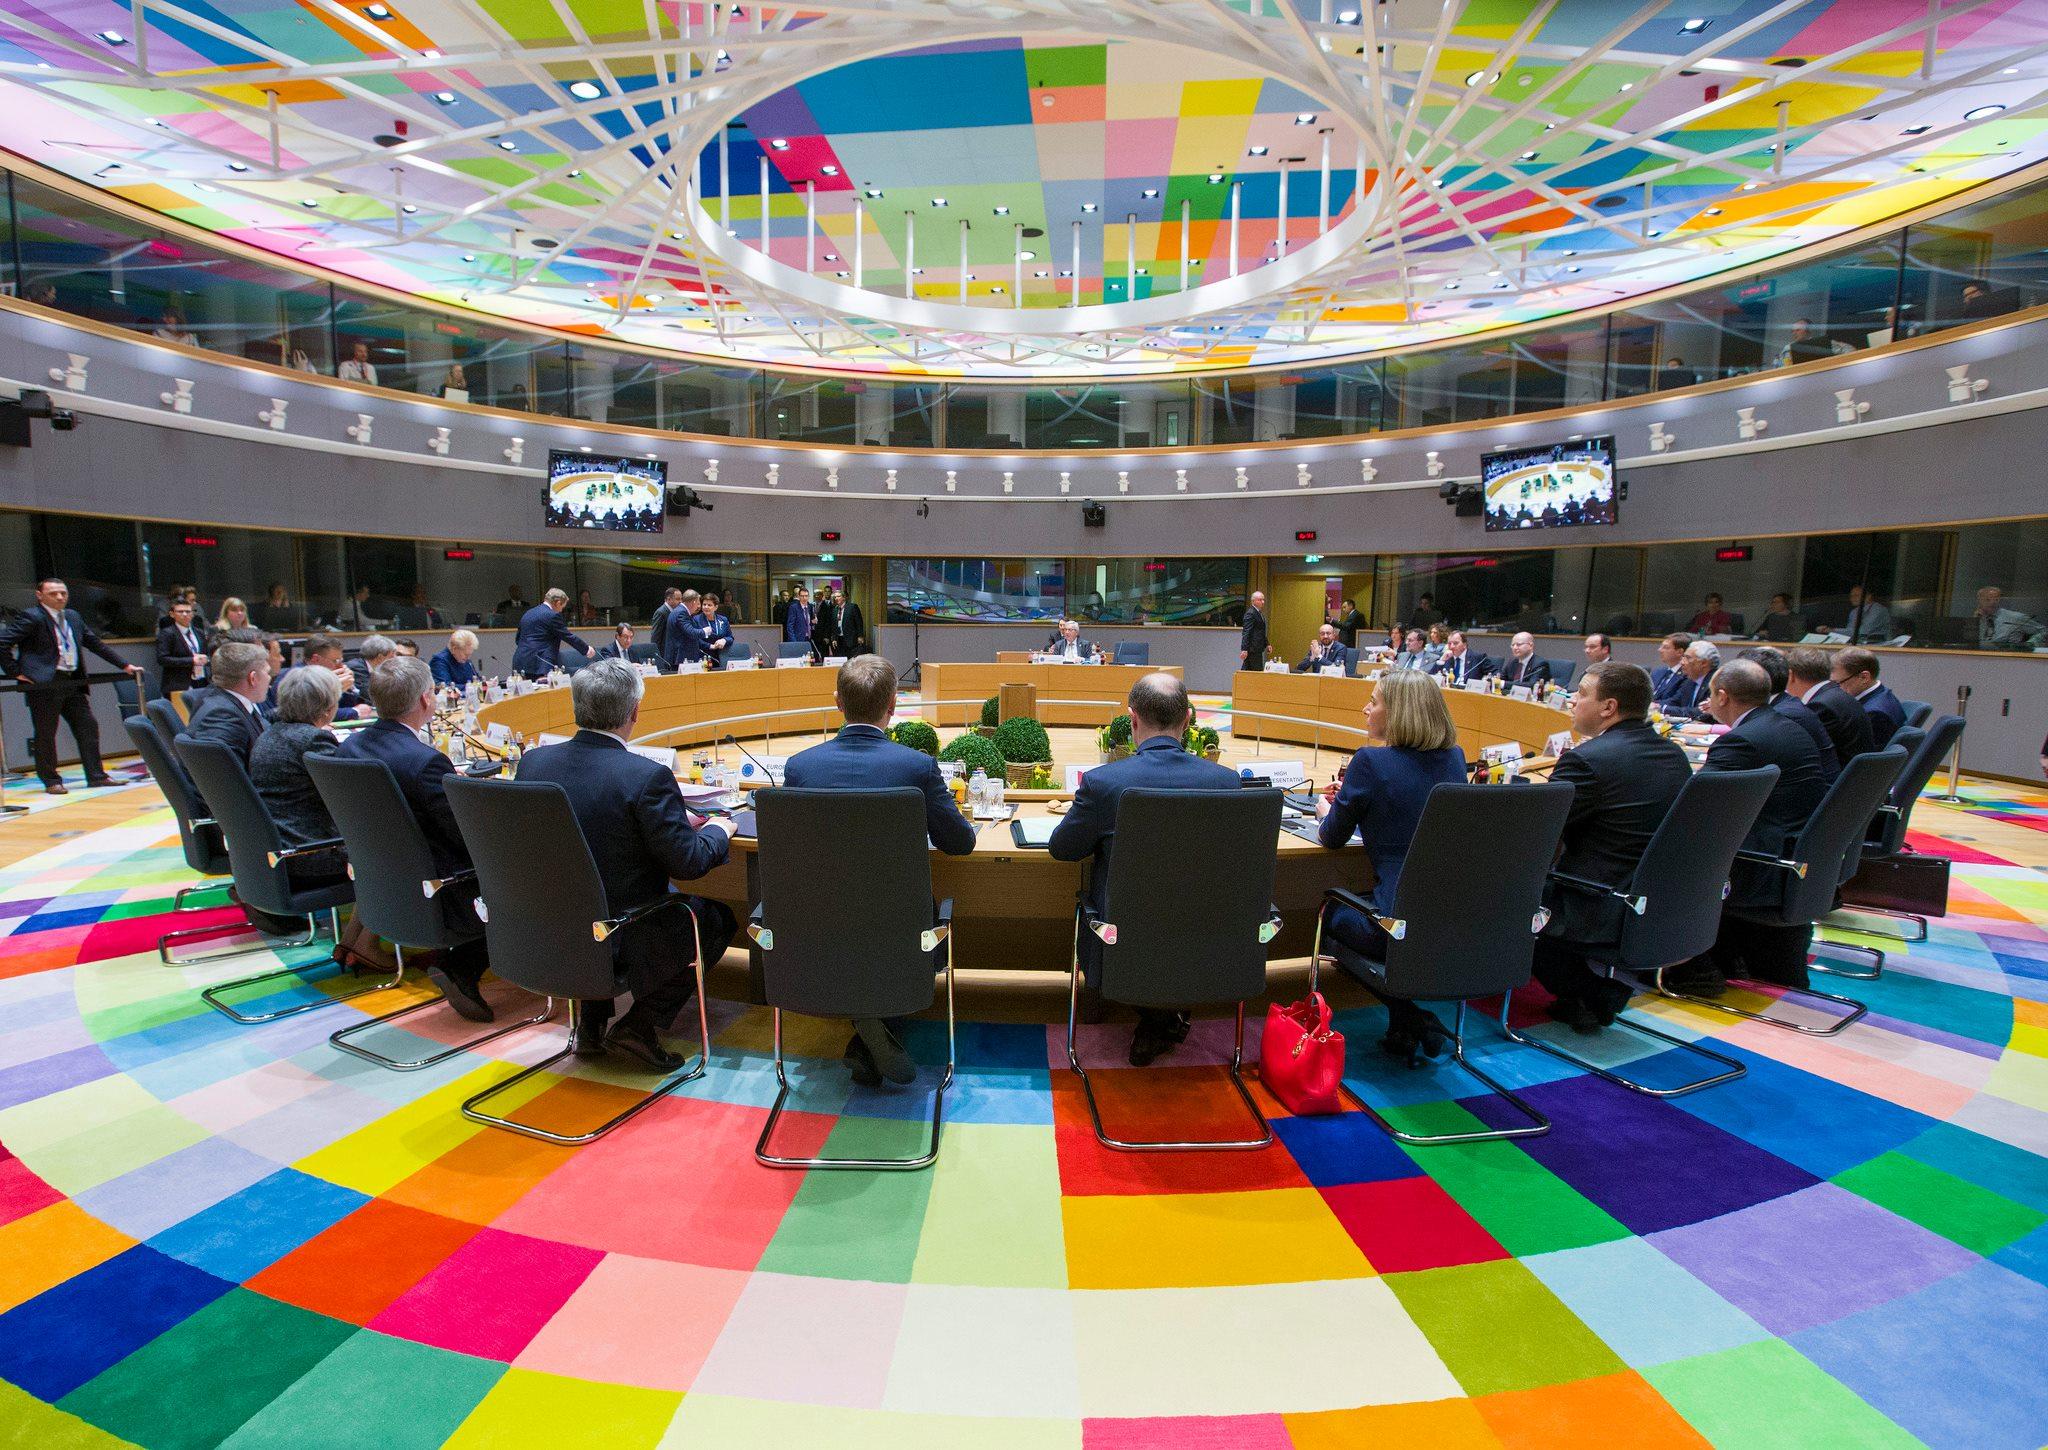 Scrisoare deschisă adresată Guvernului cu privire la pregătirea Președinției Române a Consiliului UE